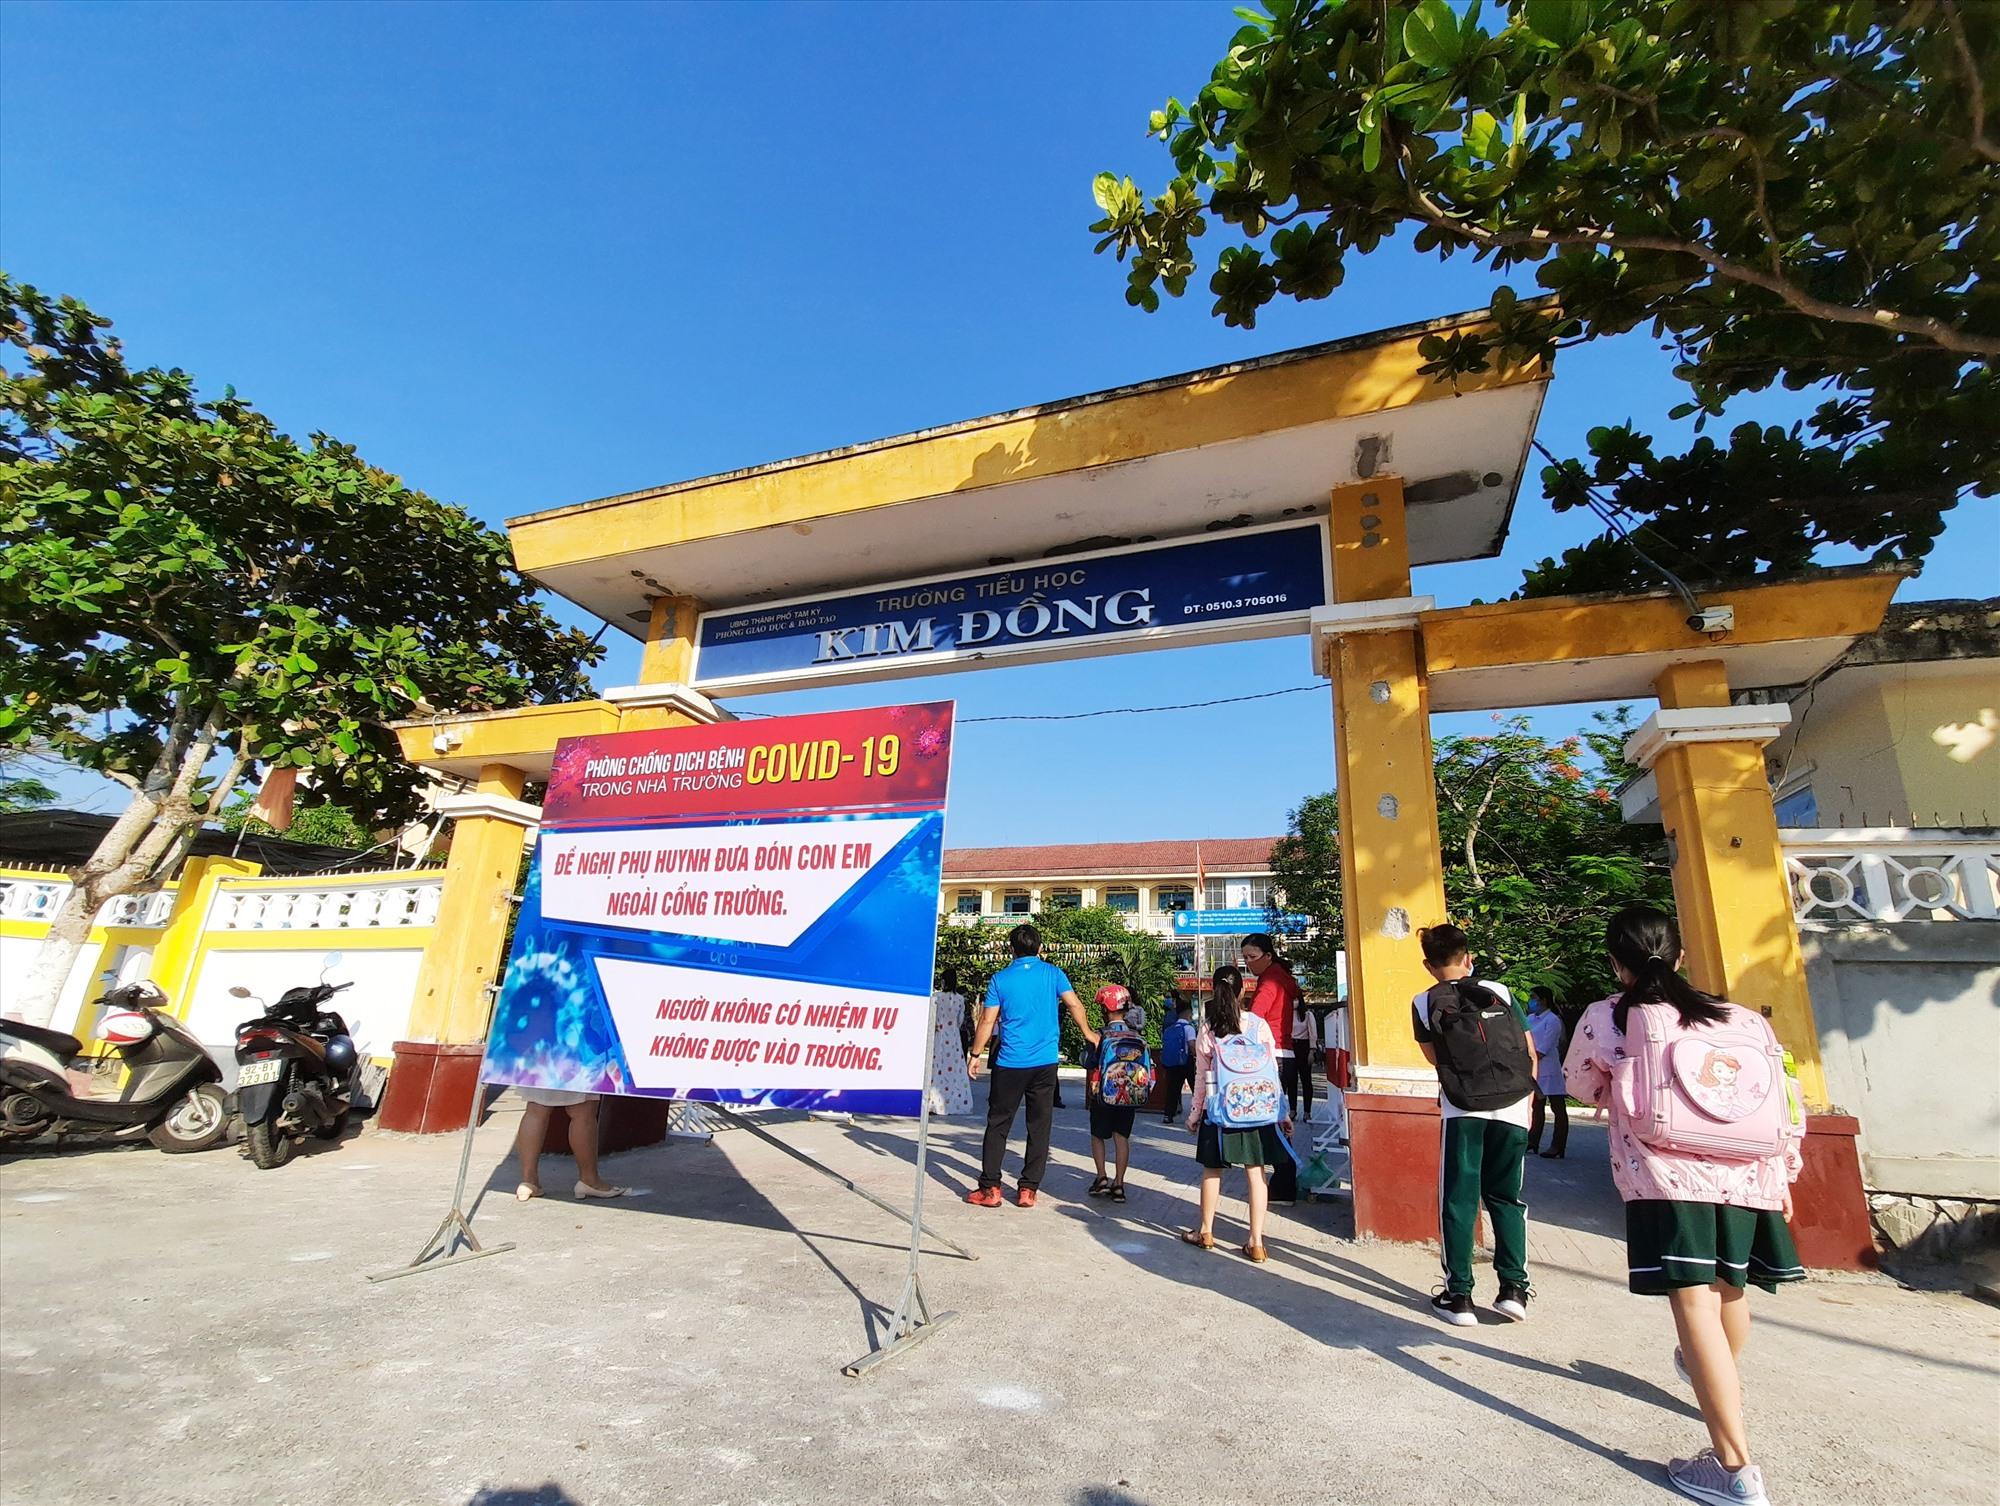 Trường Tiểu học Kim Đồng đặt pano tuyên truyền, nhắc nhở phụ huynh đảm bảo công tác phòng chống dịch. Ảnh: ĐẠO QUÂN